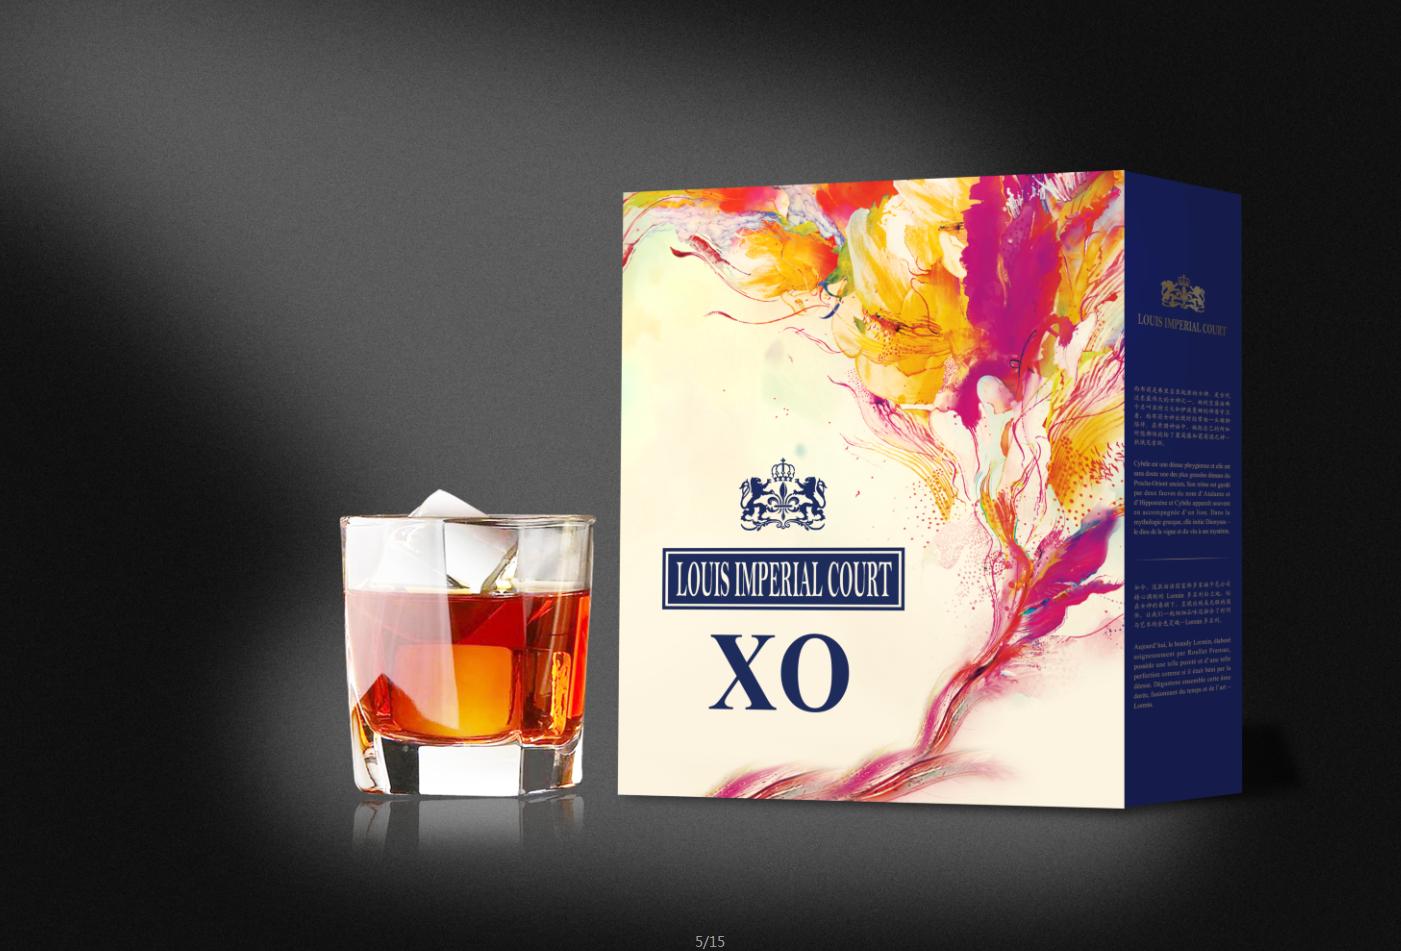 洋酒包装|平面|包装|设计师杨君 - 原创作品 - 站酷图片